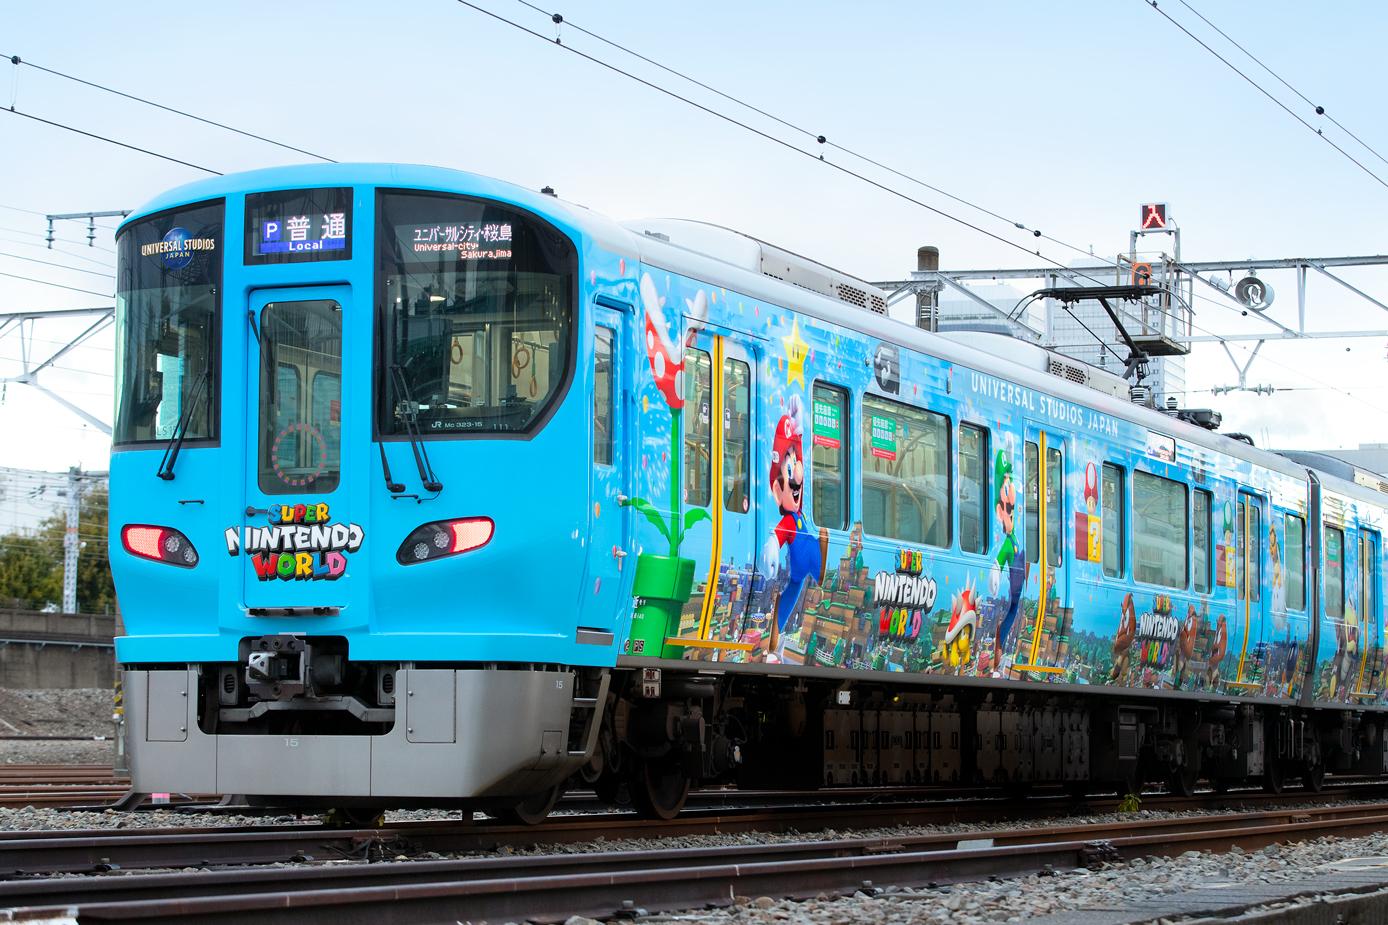 รถไฟ SUPER NINTENDO WORLD สู่สวนสนุก USJ